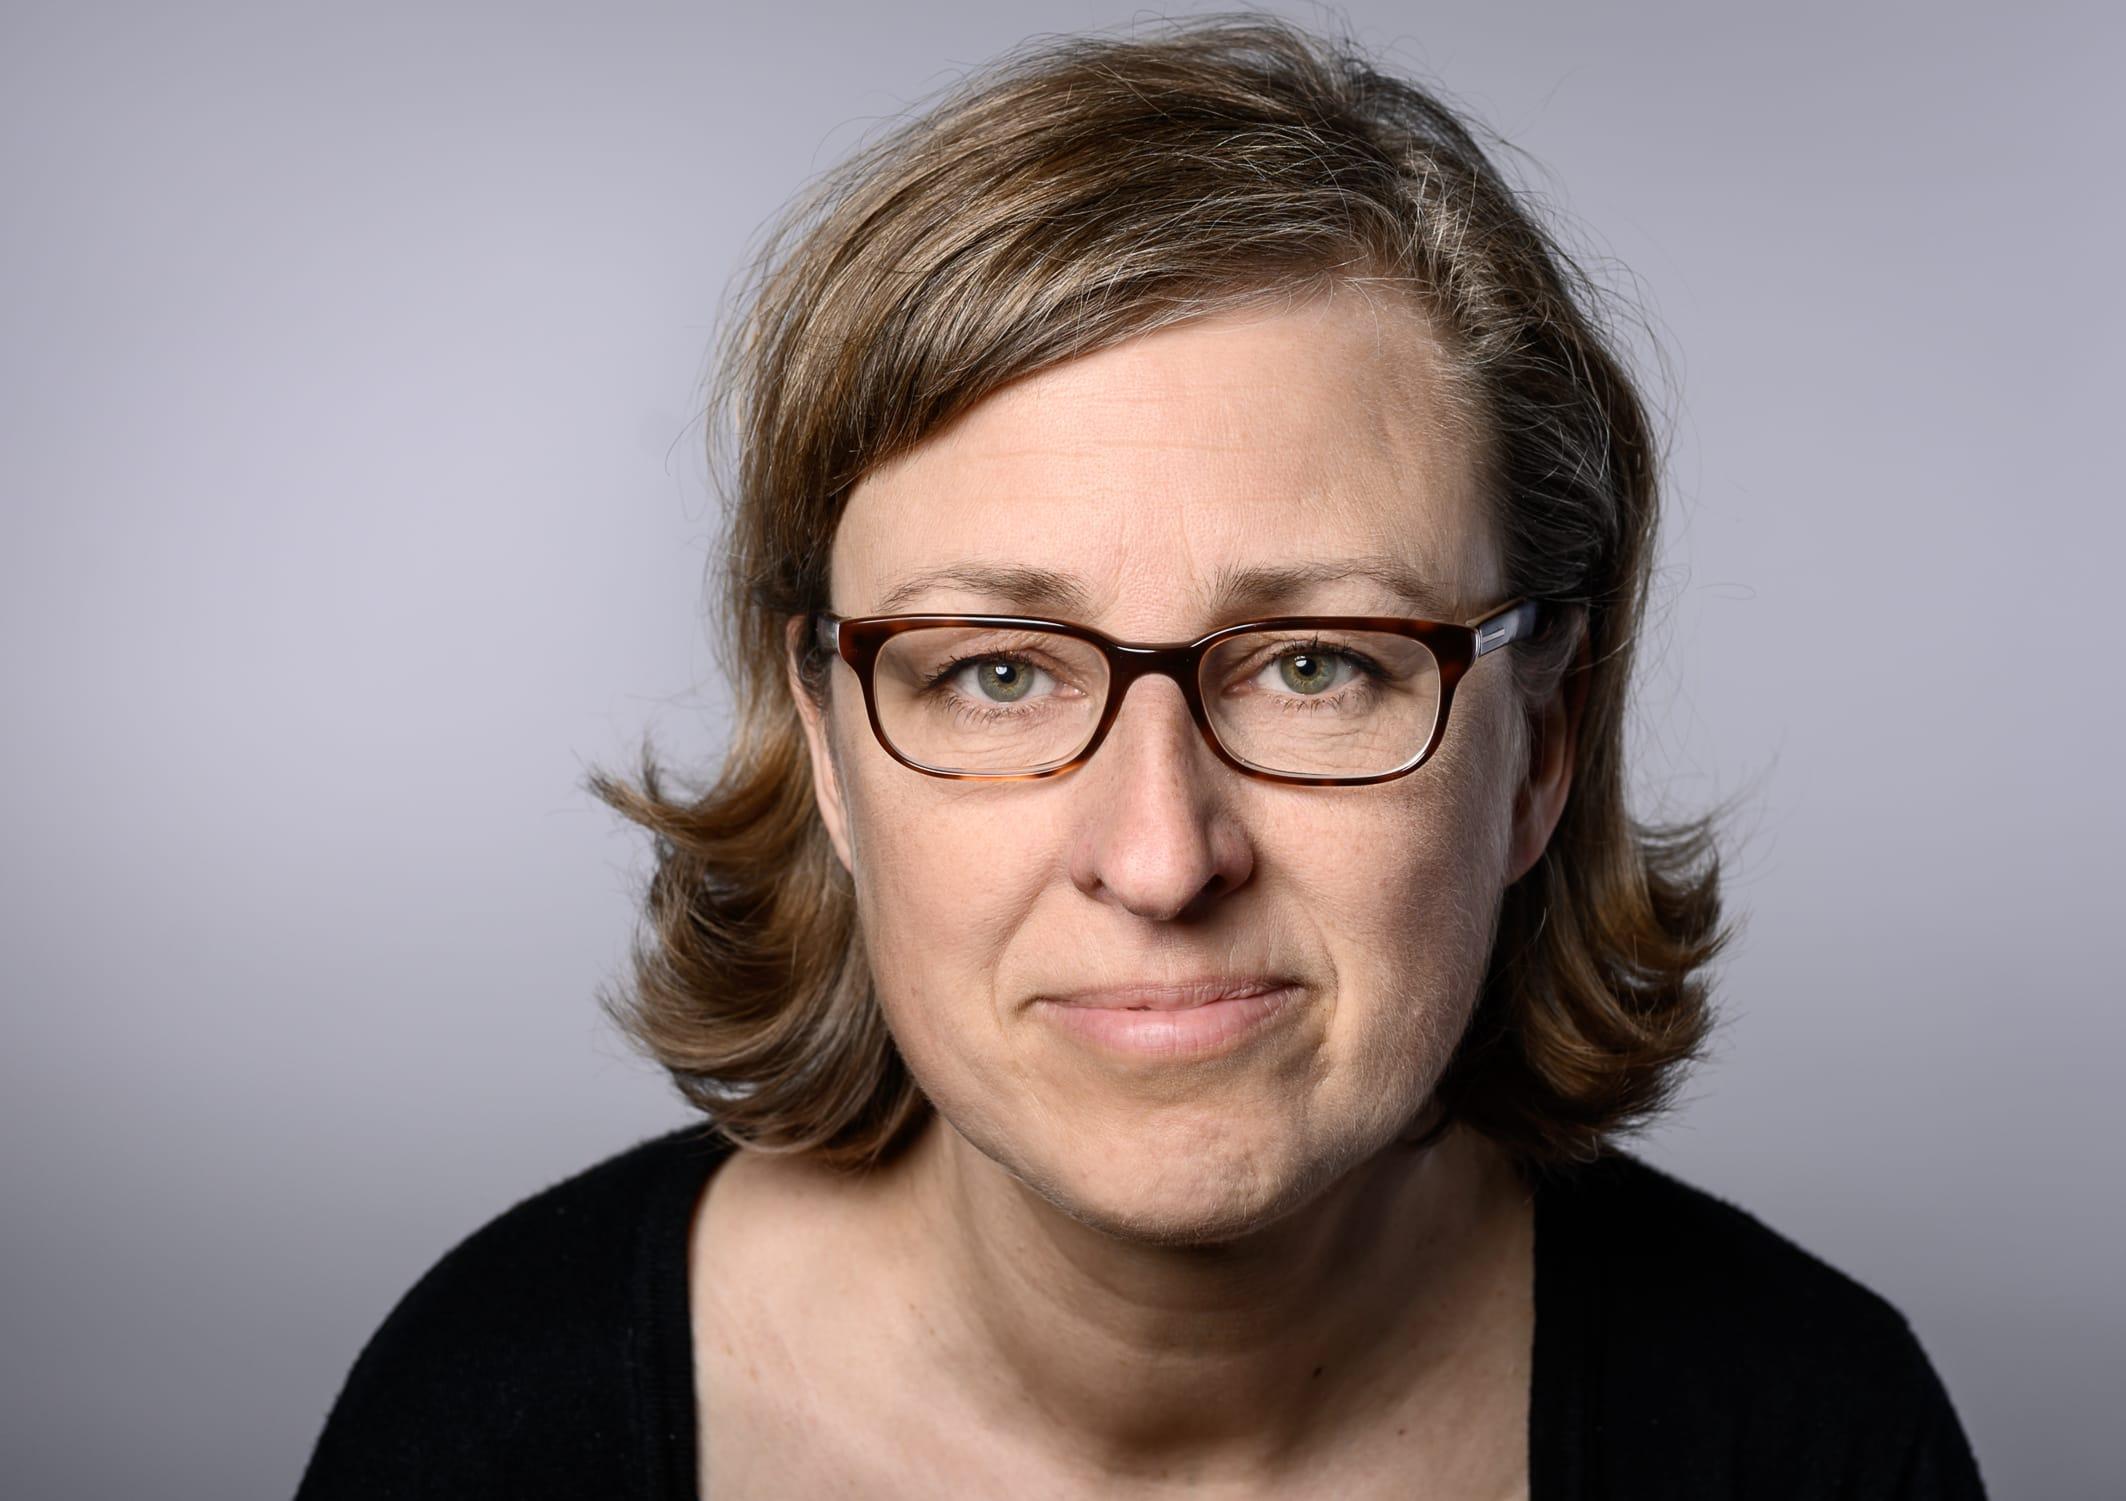 portrait Foto von Judith Hinkemeyer